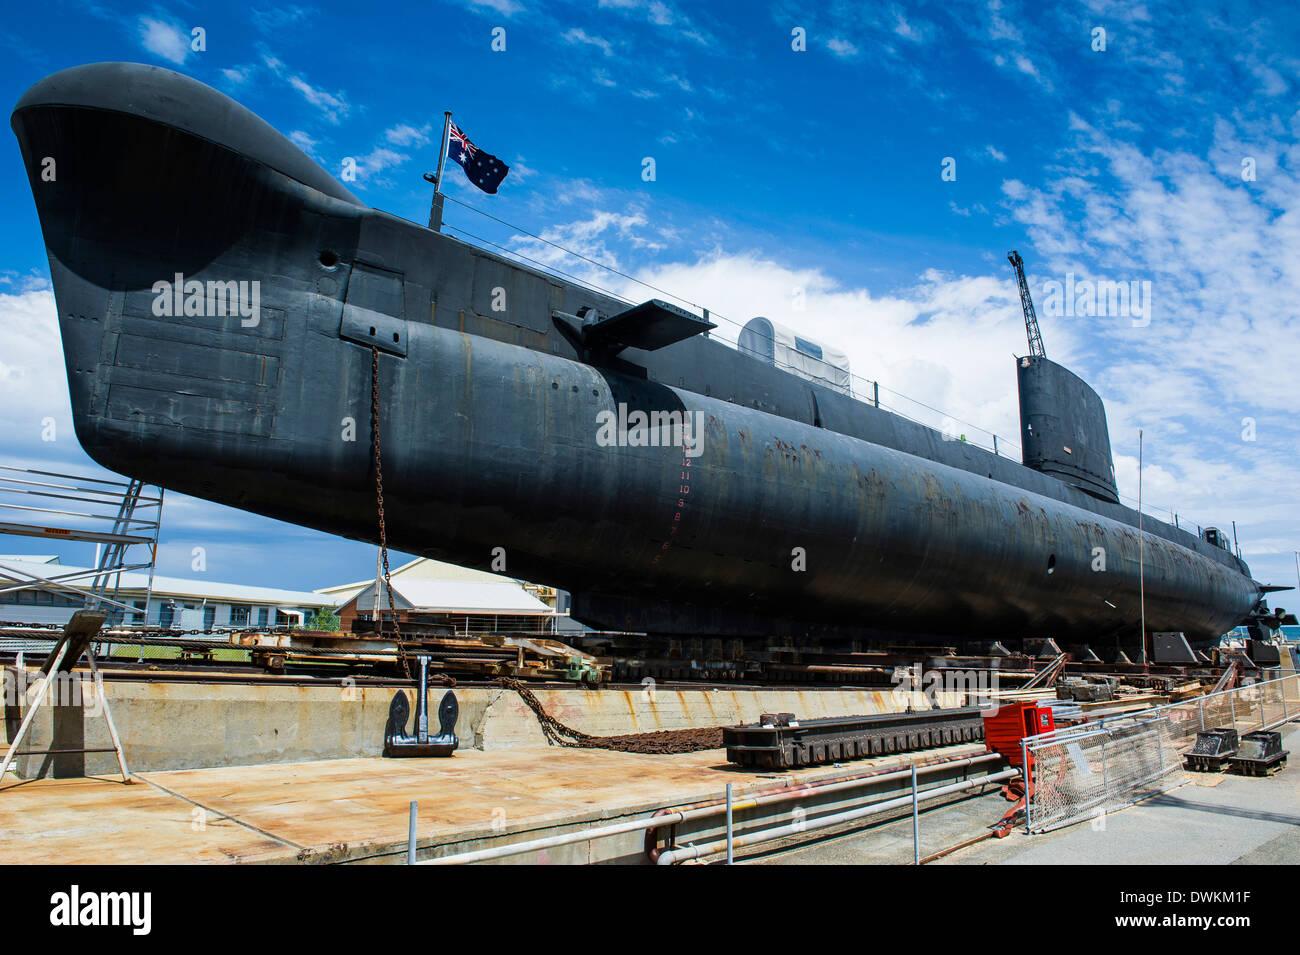 HMAS Hornos submarino en el Museo Marítimo de Australia Occidental, Fremantle, Australia Occidental, Australia, el Pacífico Imagen De Stock